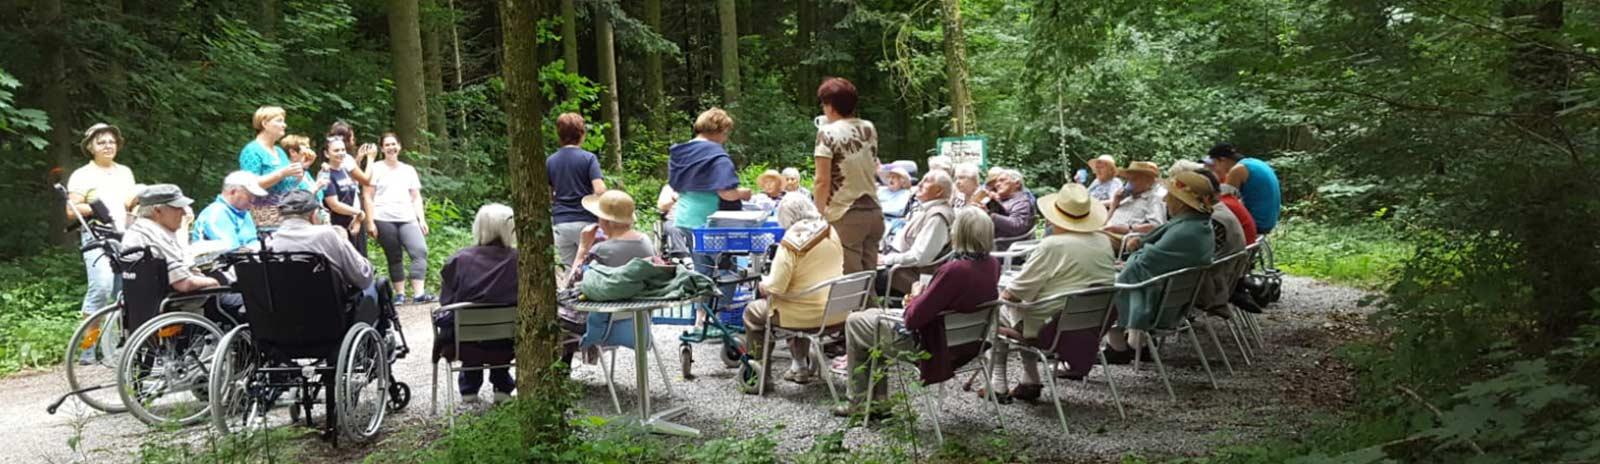 2018_06_11_Haus_Brühlpark_Waldspaziergang_slider